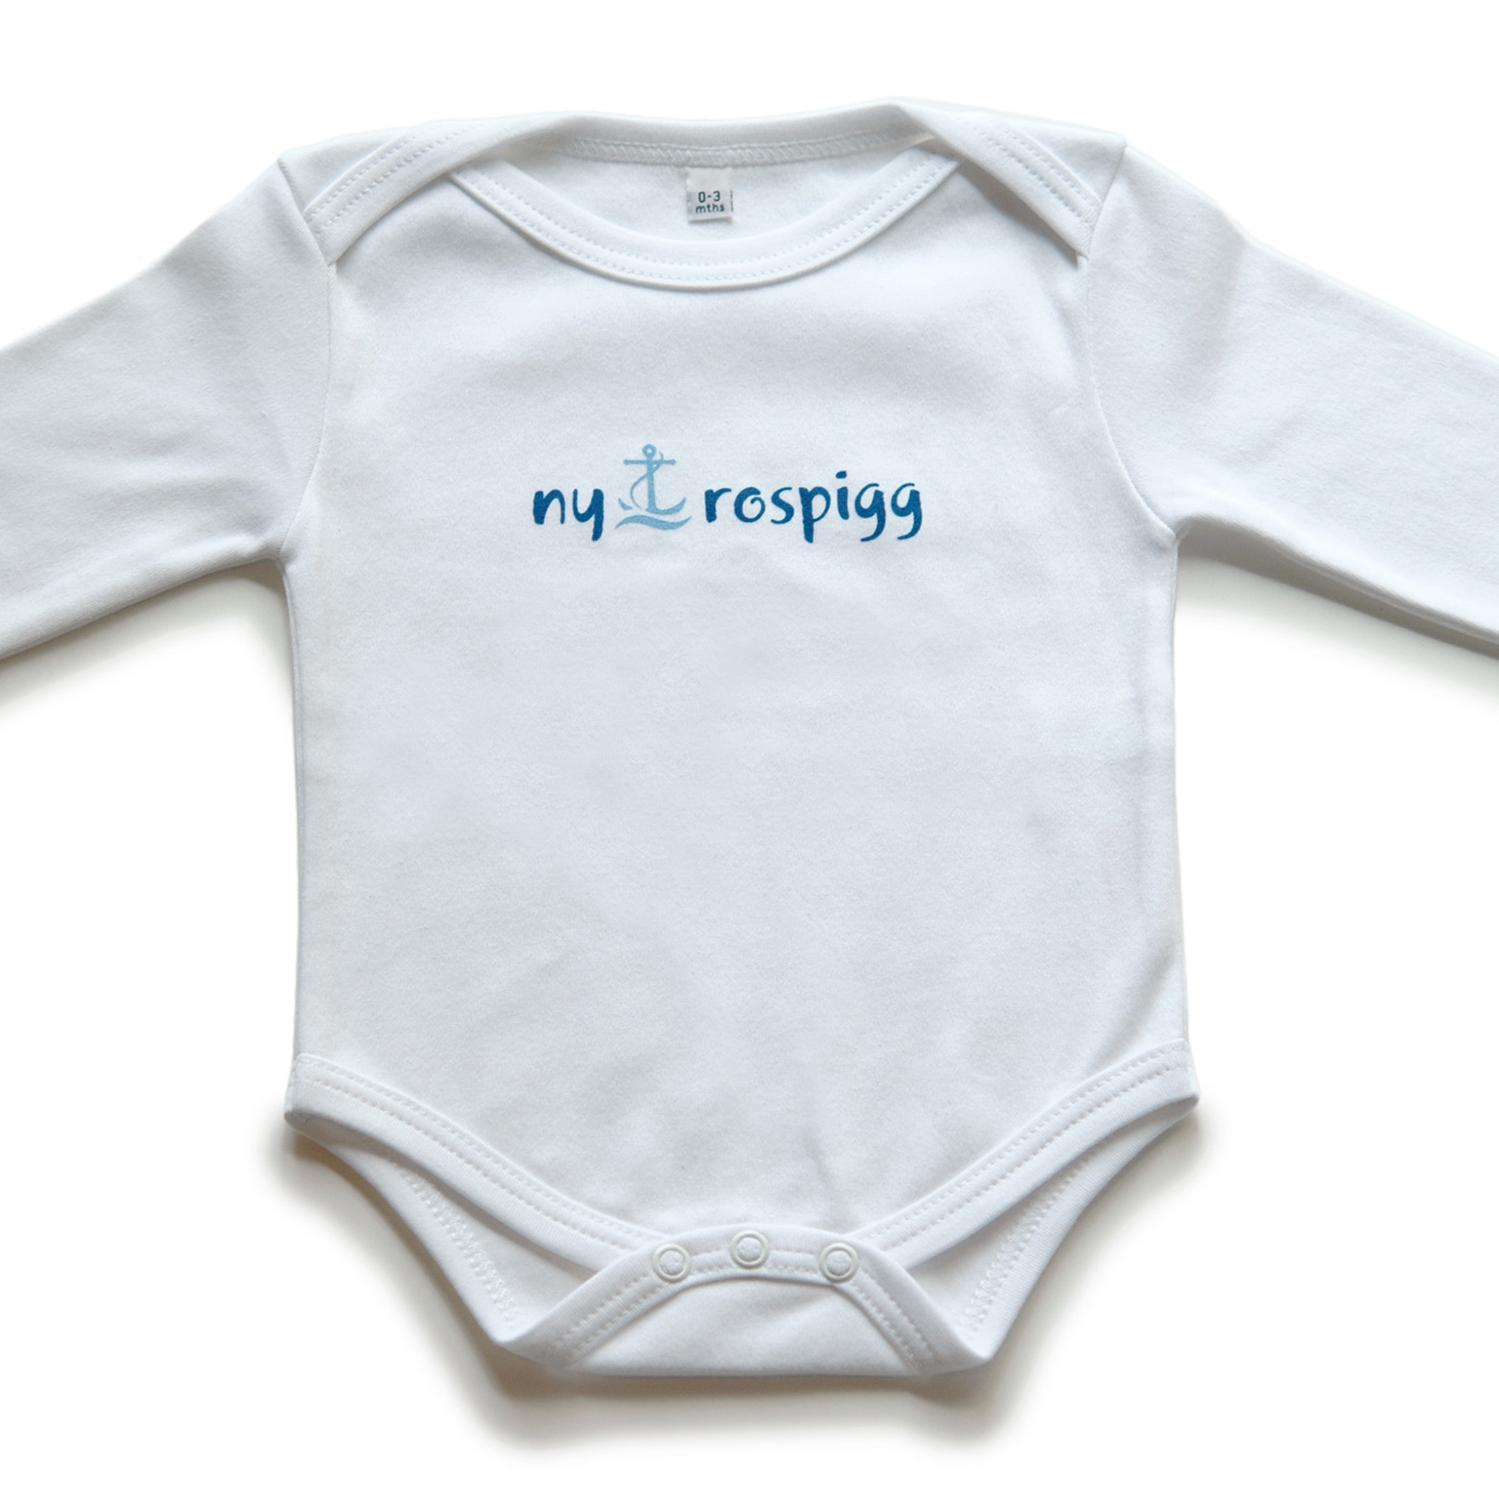 NorrteljeTidning babybody